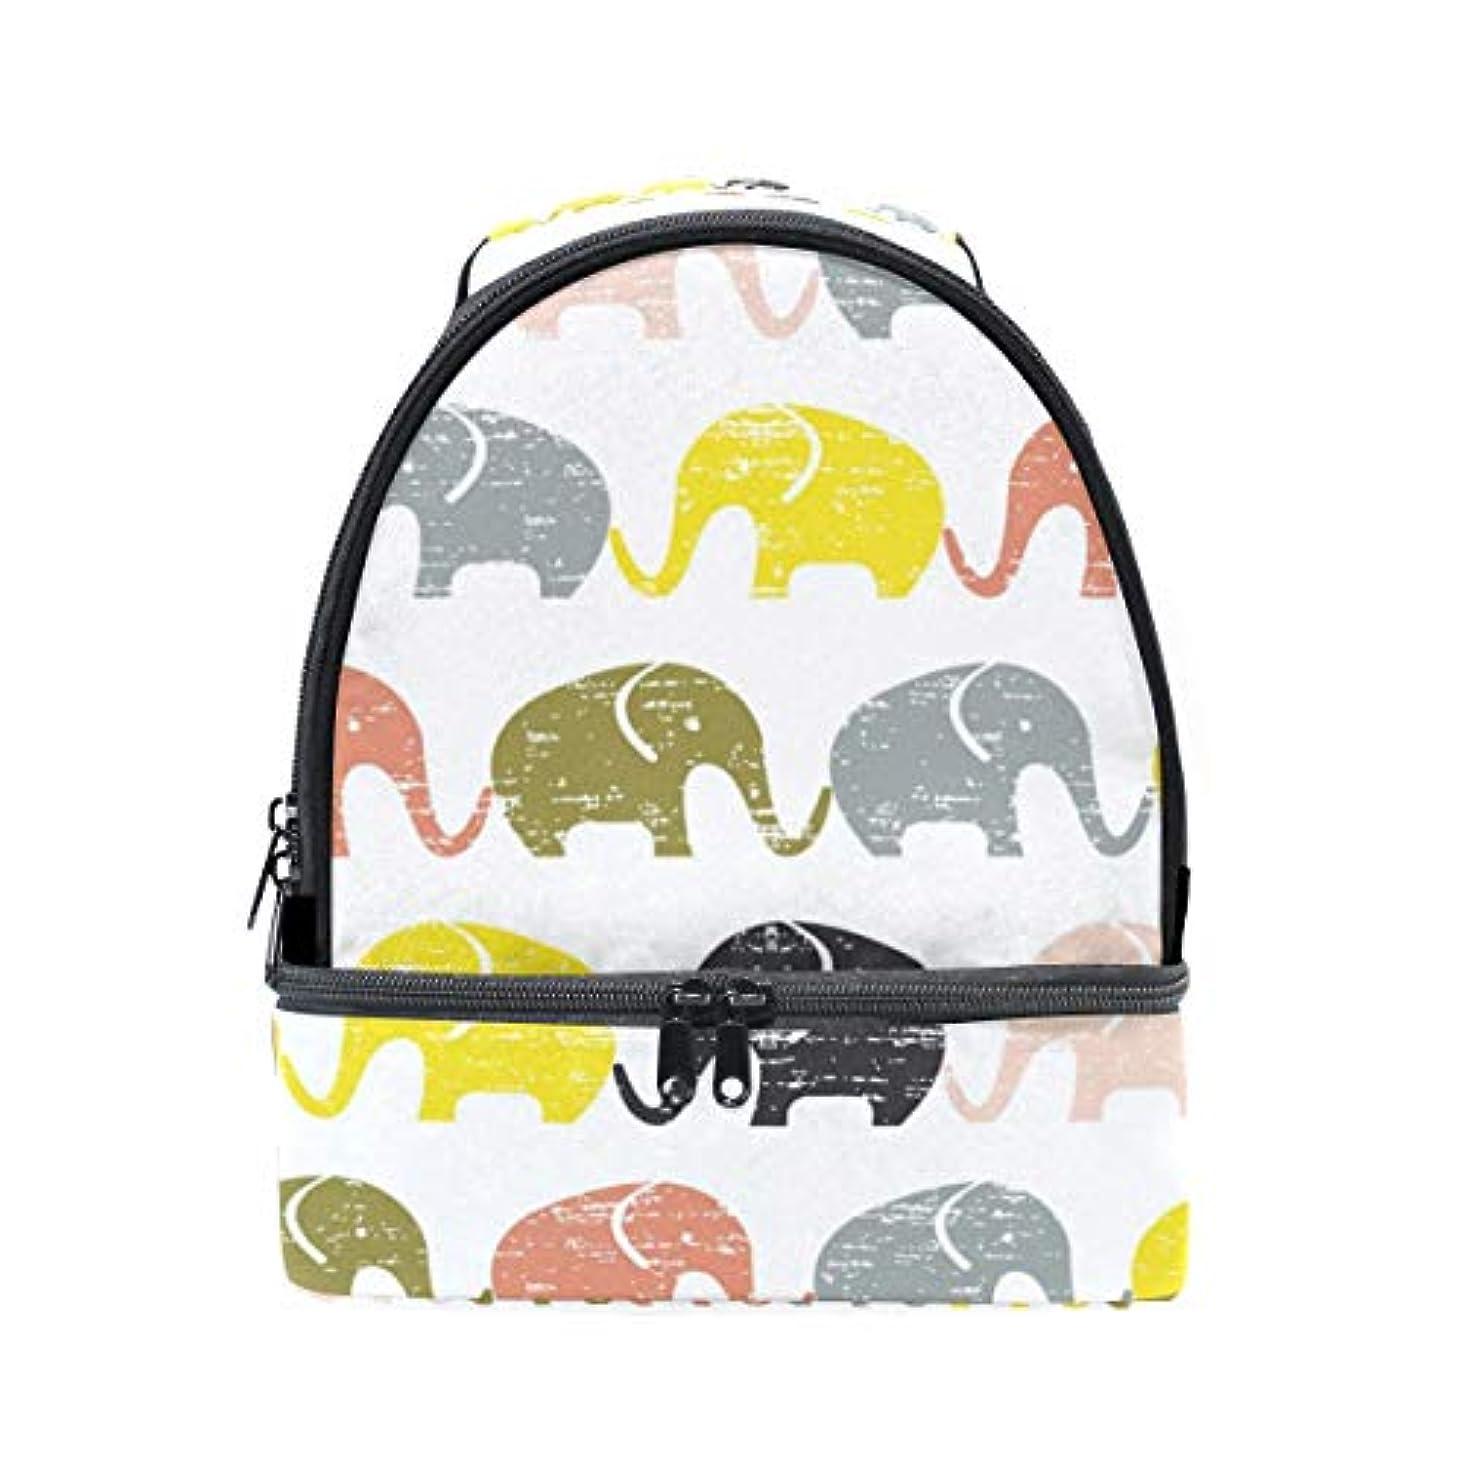 良性バルセロナ教室旅人 ランチバッグ ダブルデザイン 手提げ 弁当袋 レトロ 小さい象柄 多色 冷蔵ボックス キャンプ用品 保冷 保温 学生 通勤族用